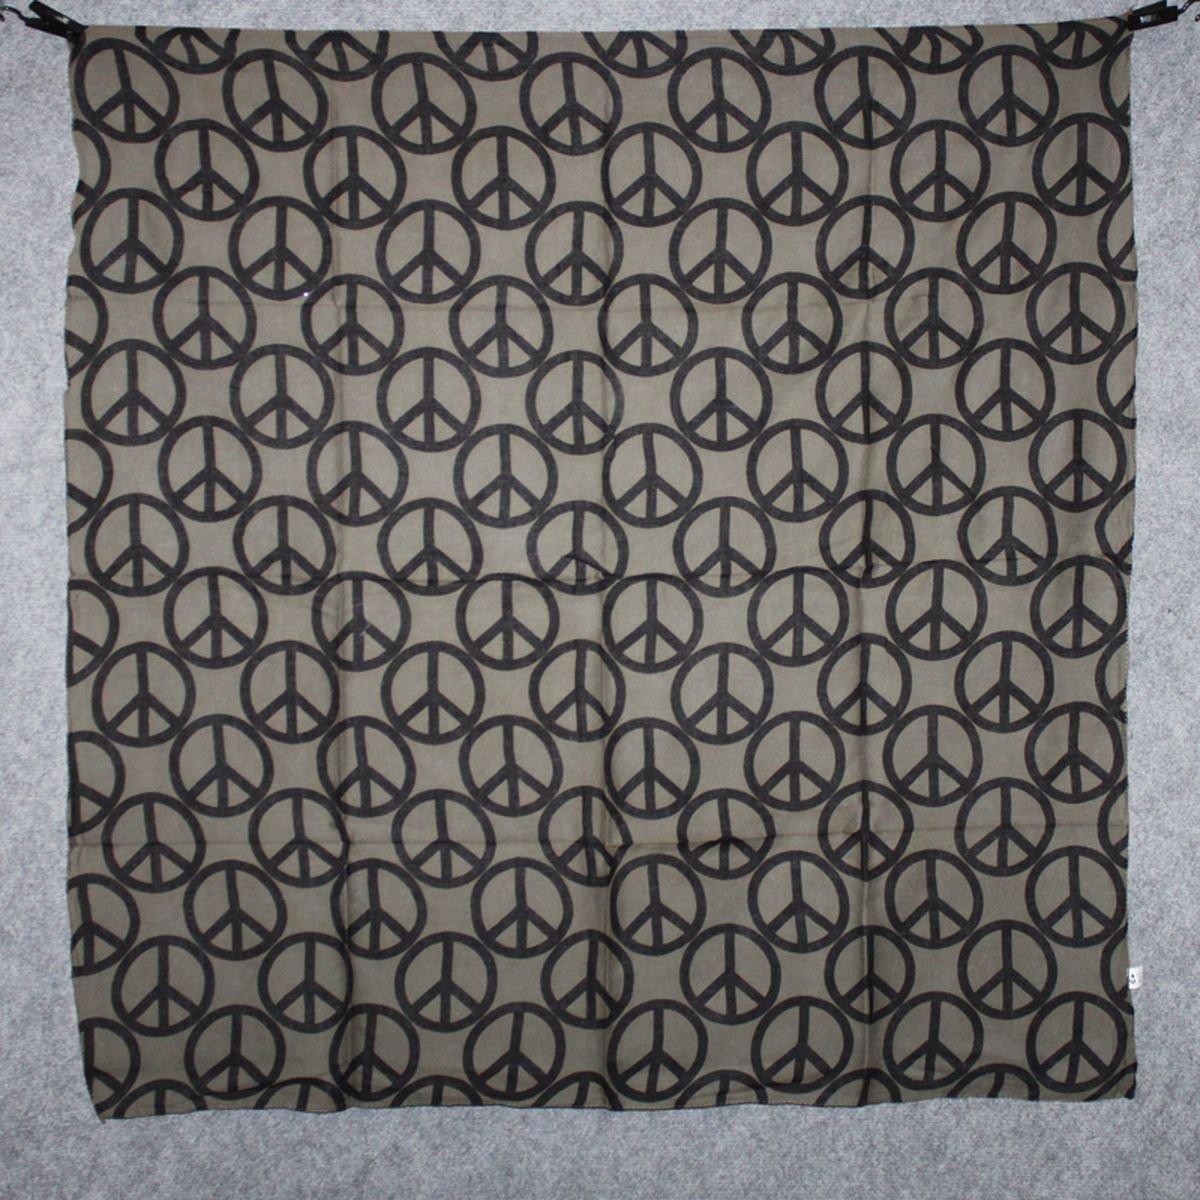 Freak Scene Sciarpa di cotone /° Segno di pace 10 cm /° stoffa quadrata